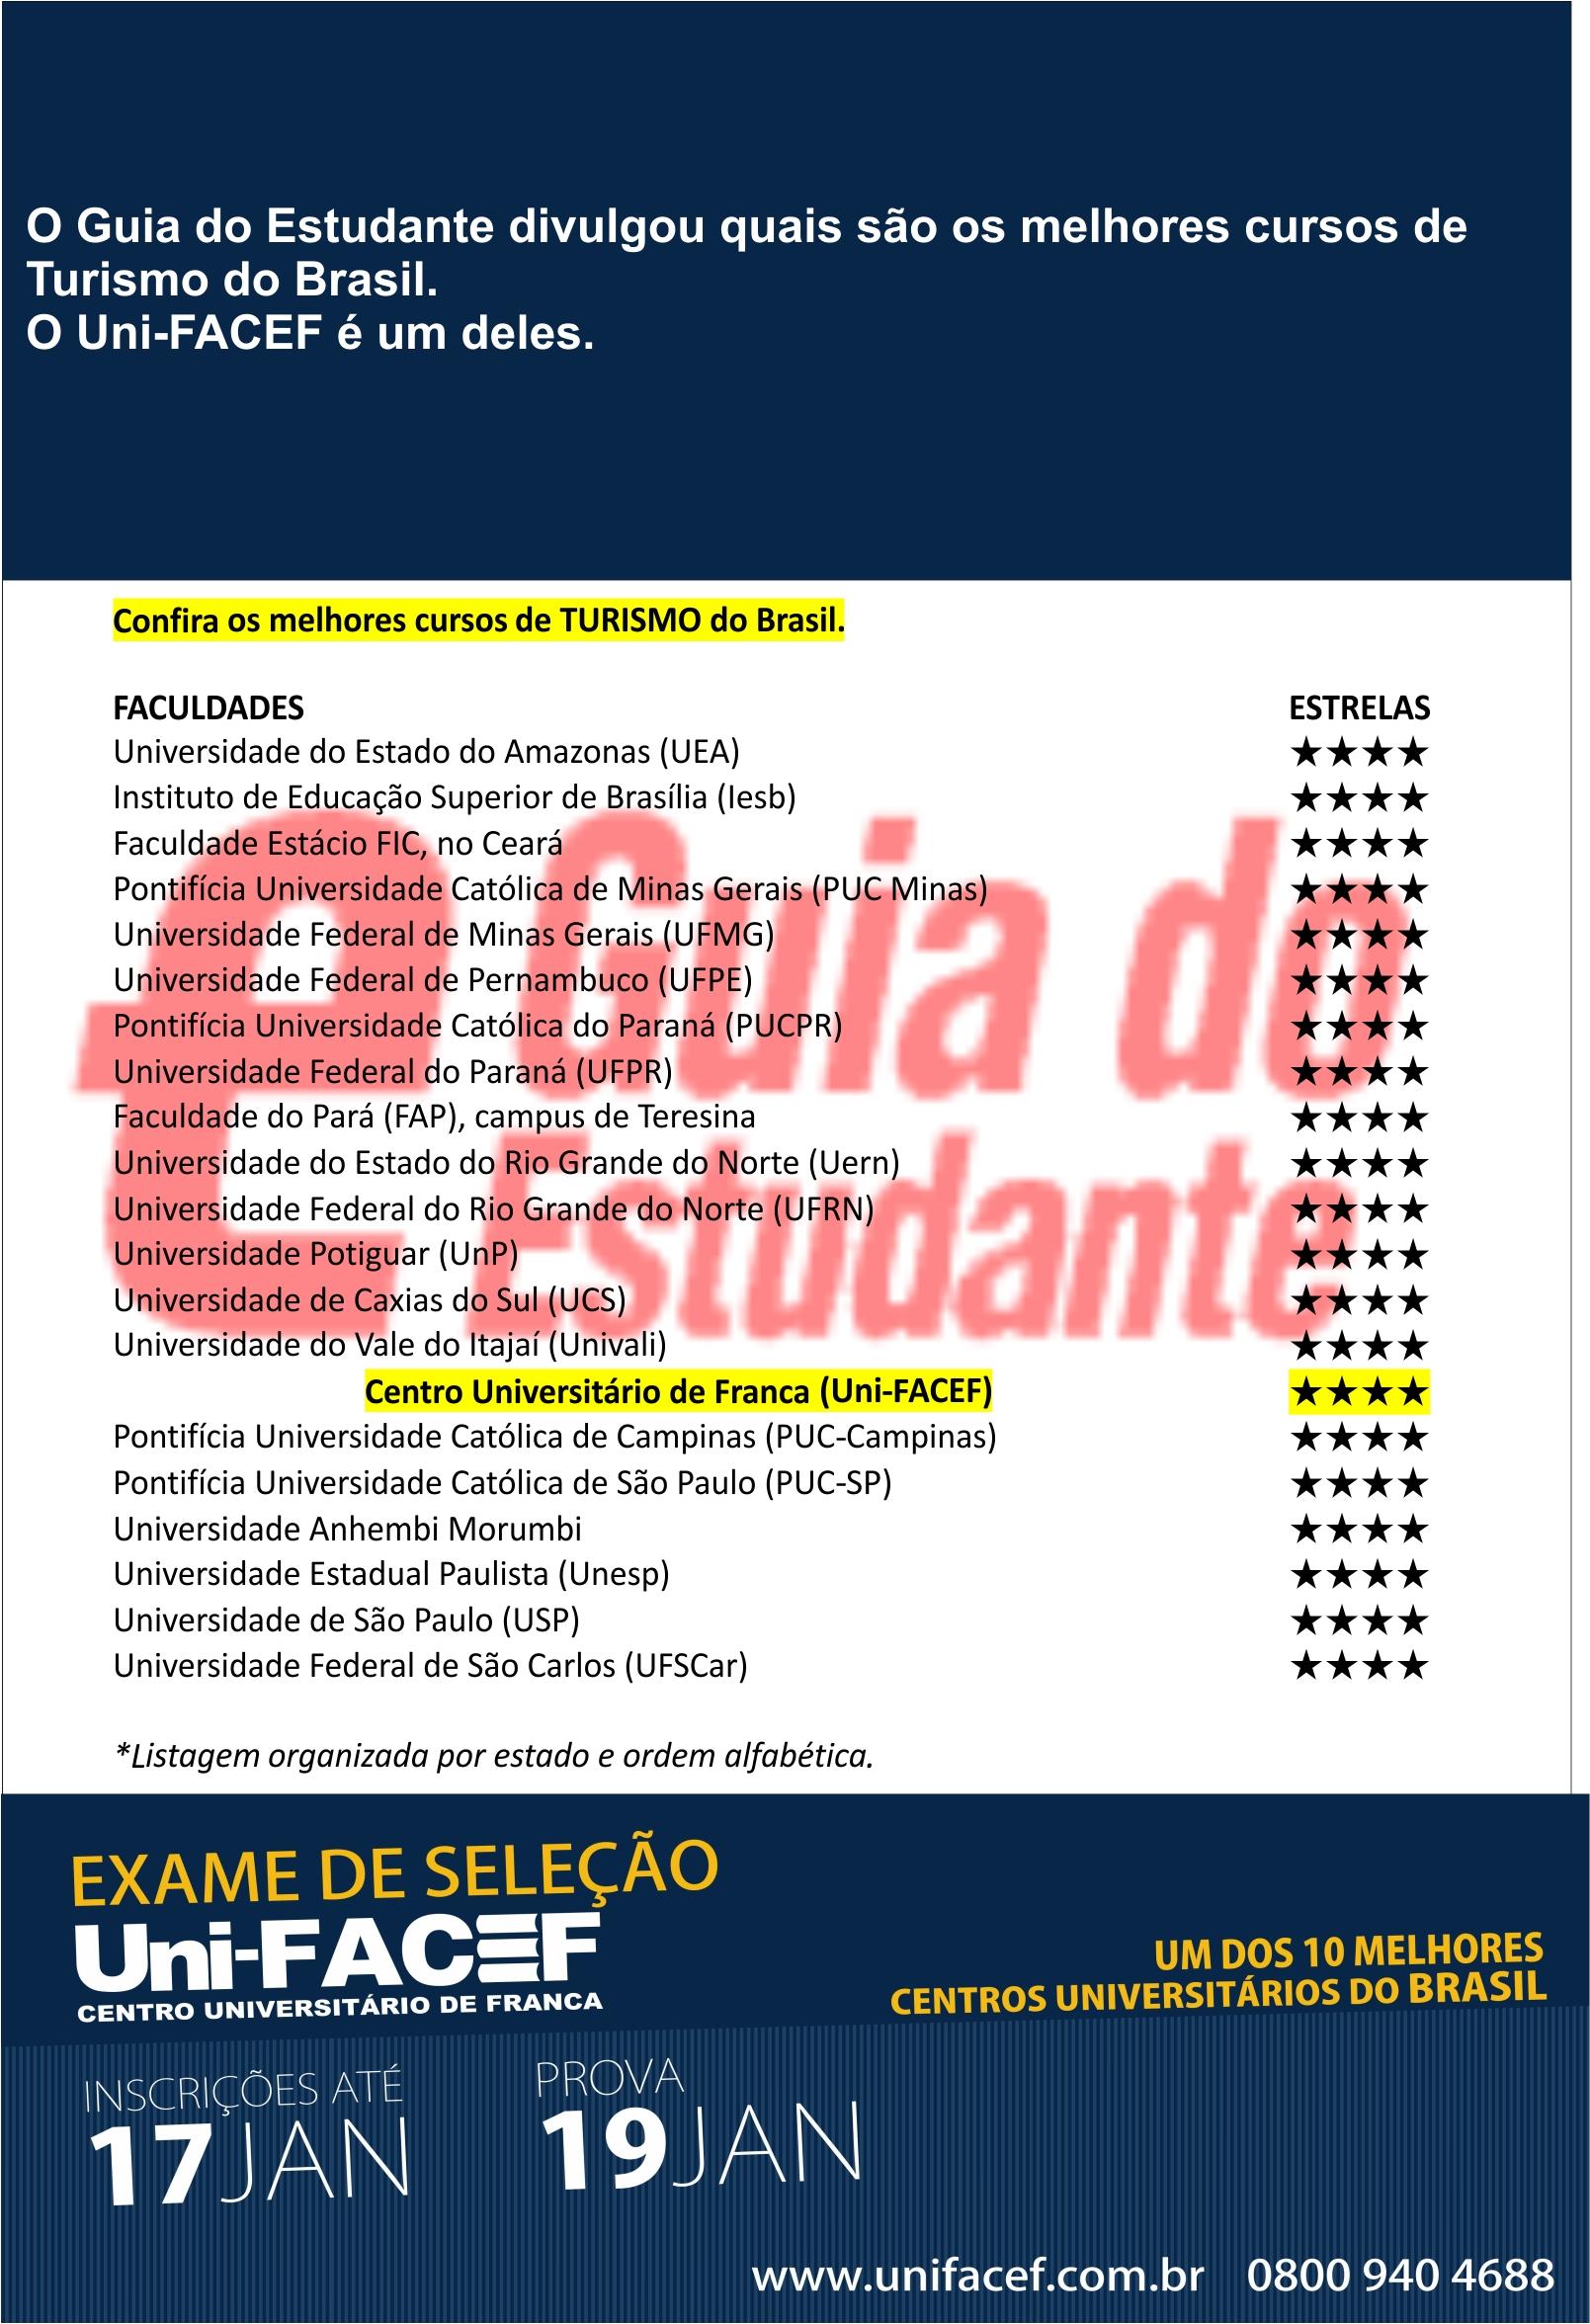 Curso de Turismo do Uni-FACEF é um dos melhores do Brasil, afirma Guia do Estudante Abril